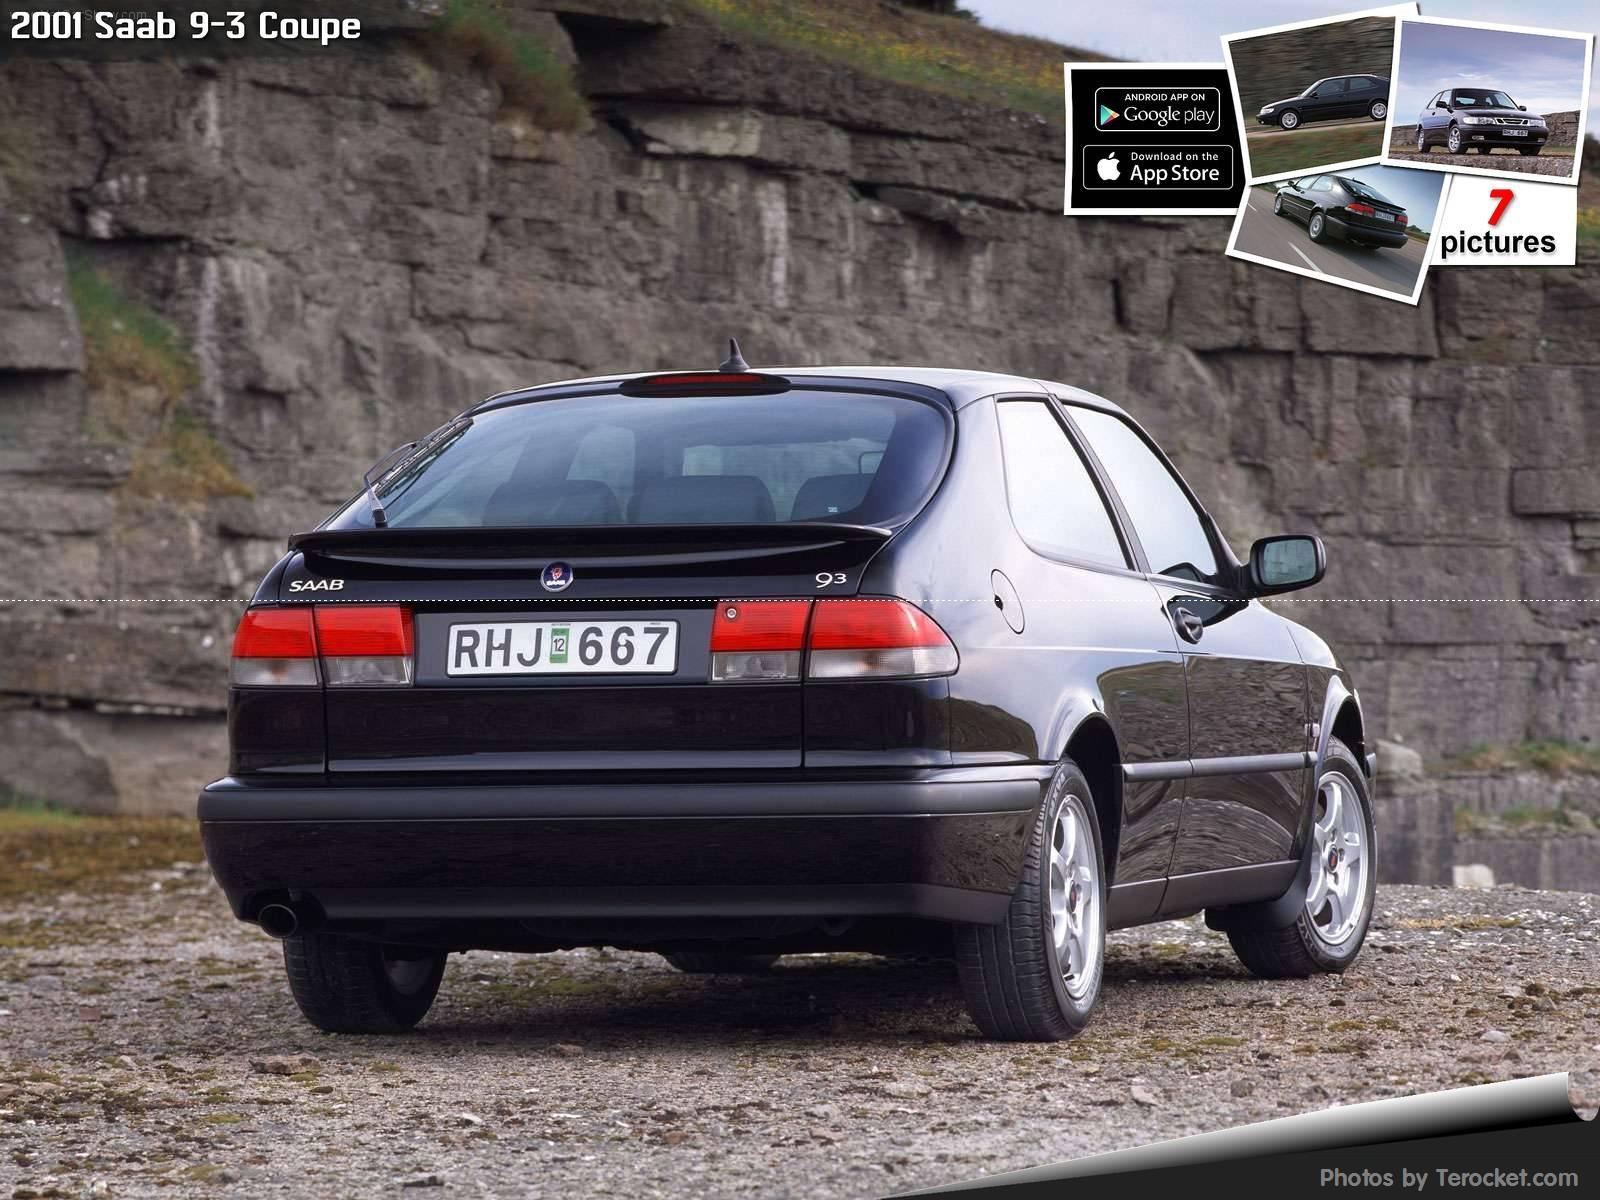 Hình ảnh xe ô tô Saab 9-3 Coupe 2001 & nội ngoại thất